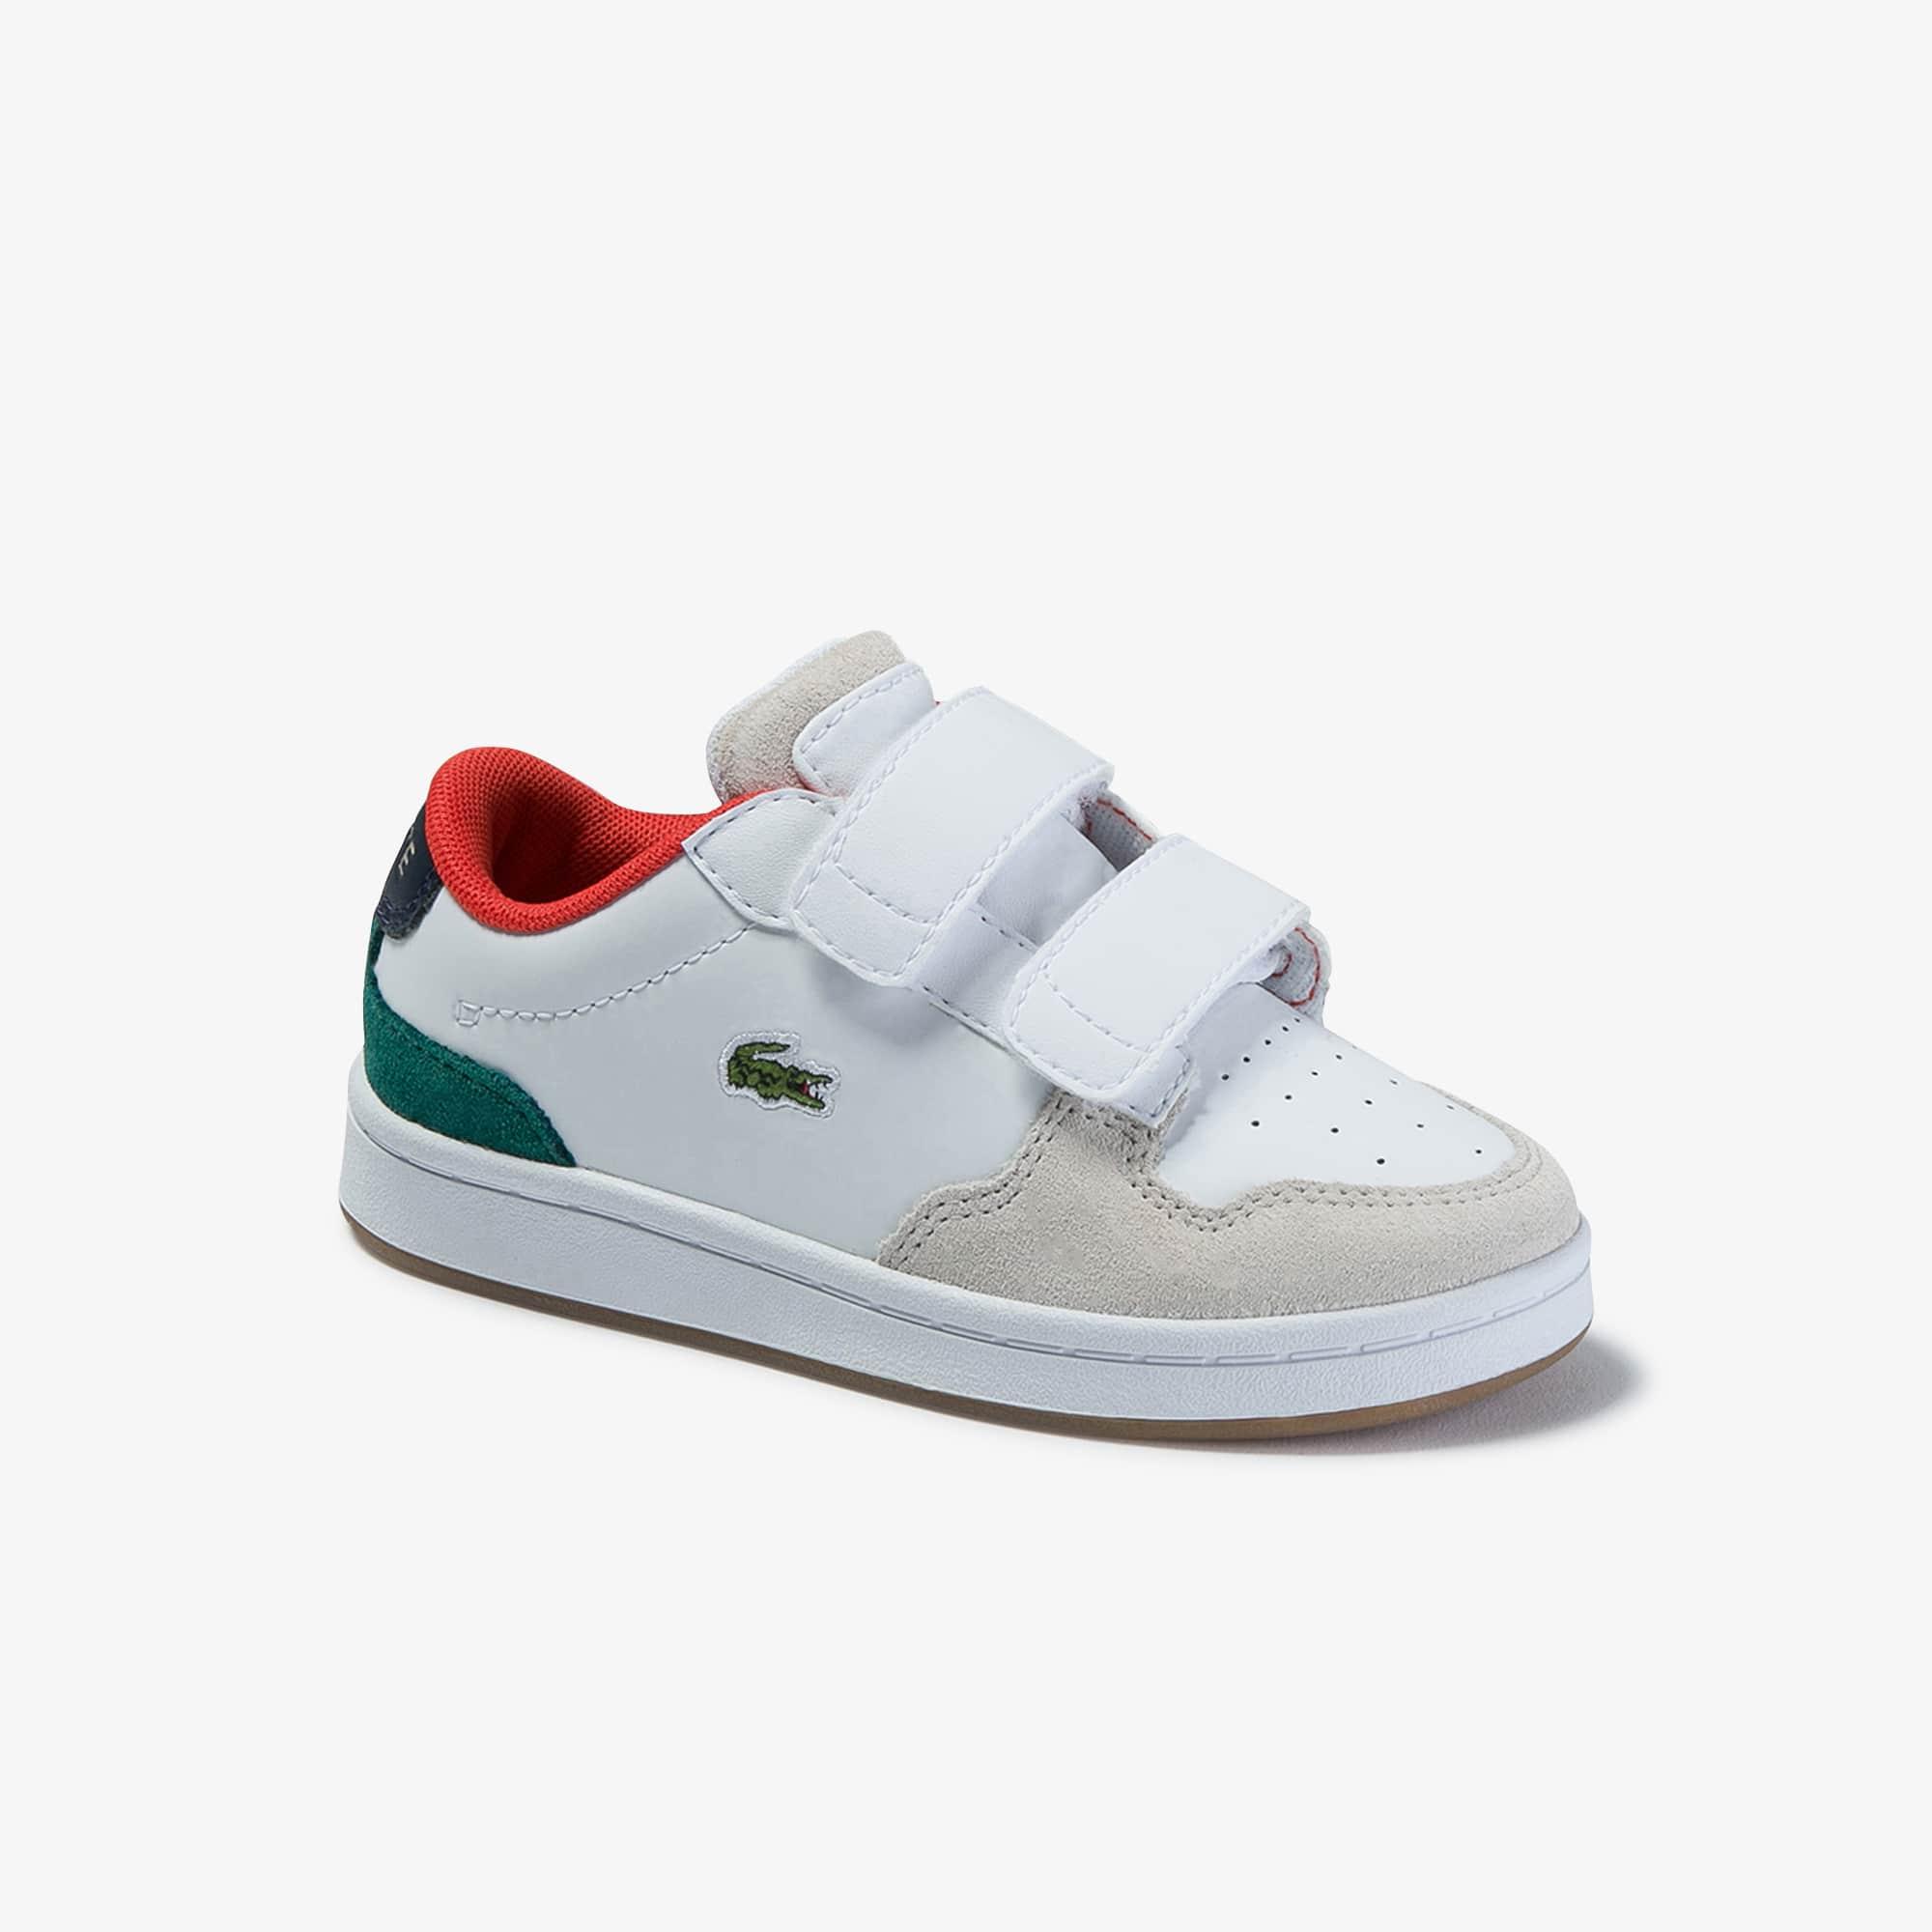 Kids Shoes | Kids Footwear | LACOSTE